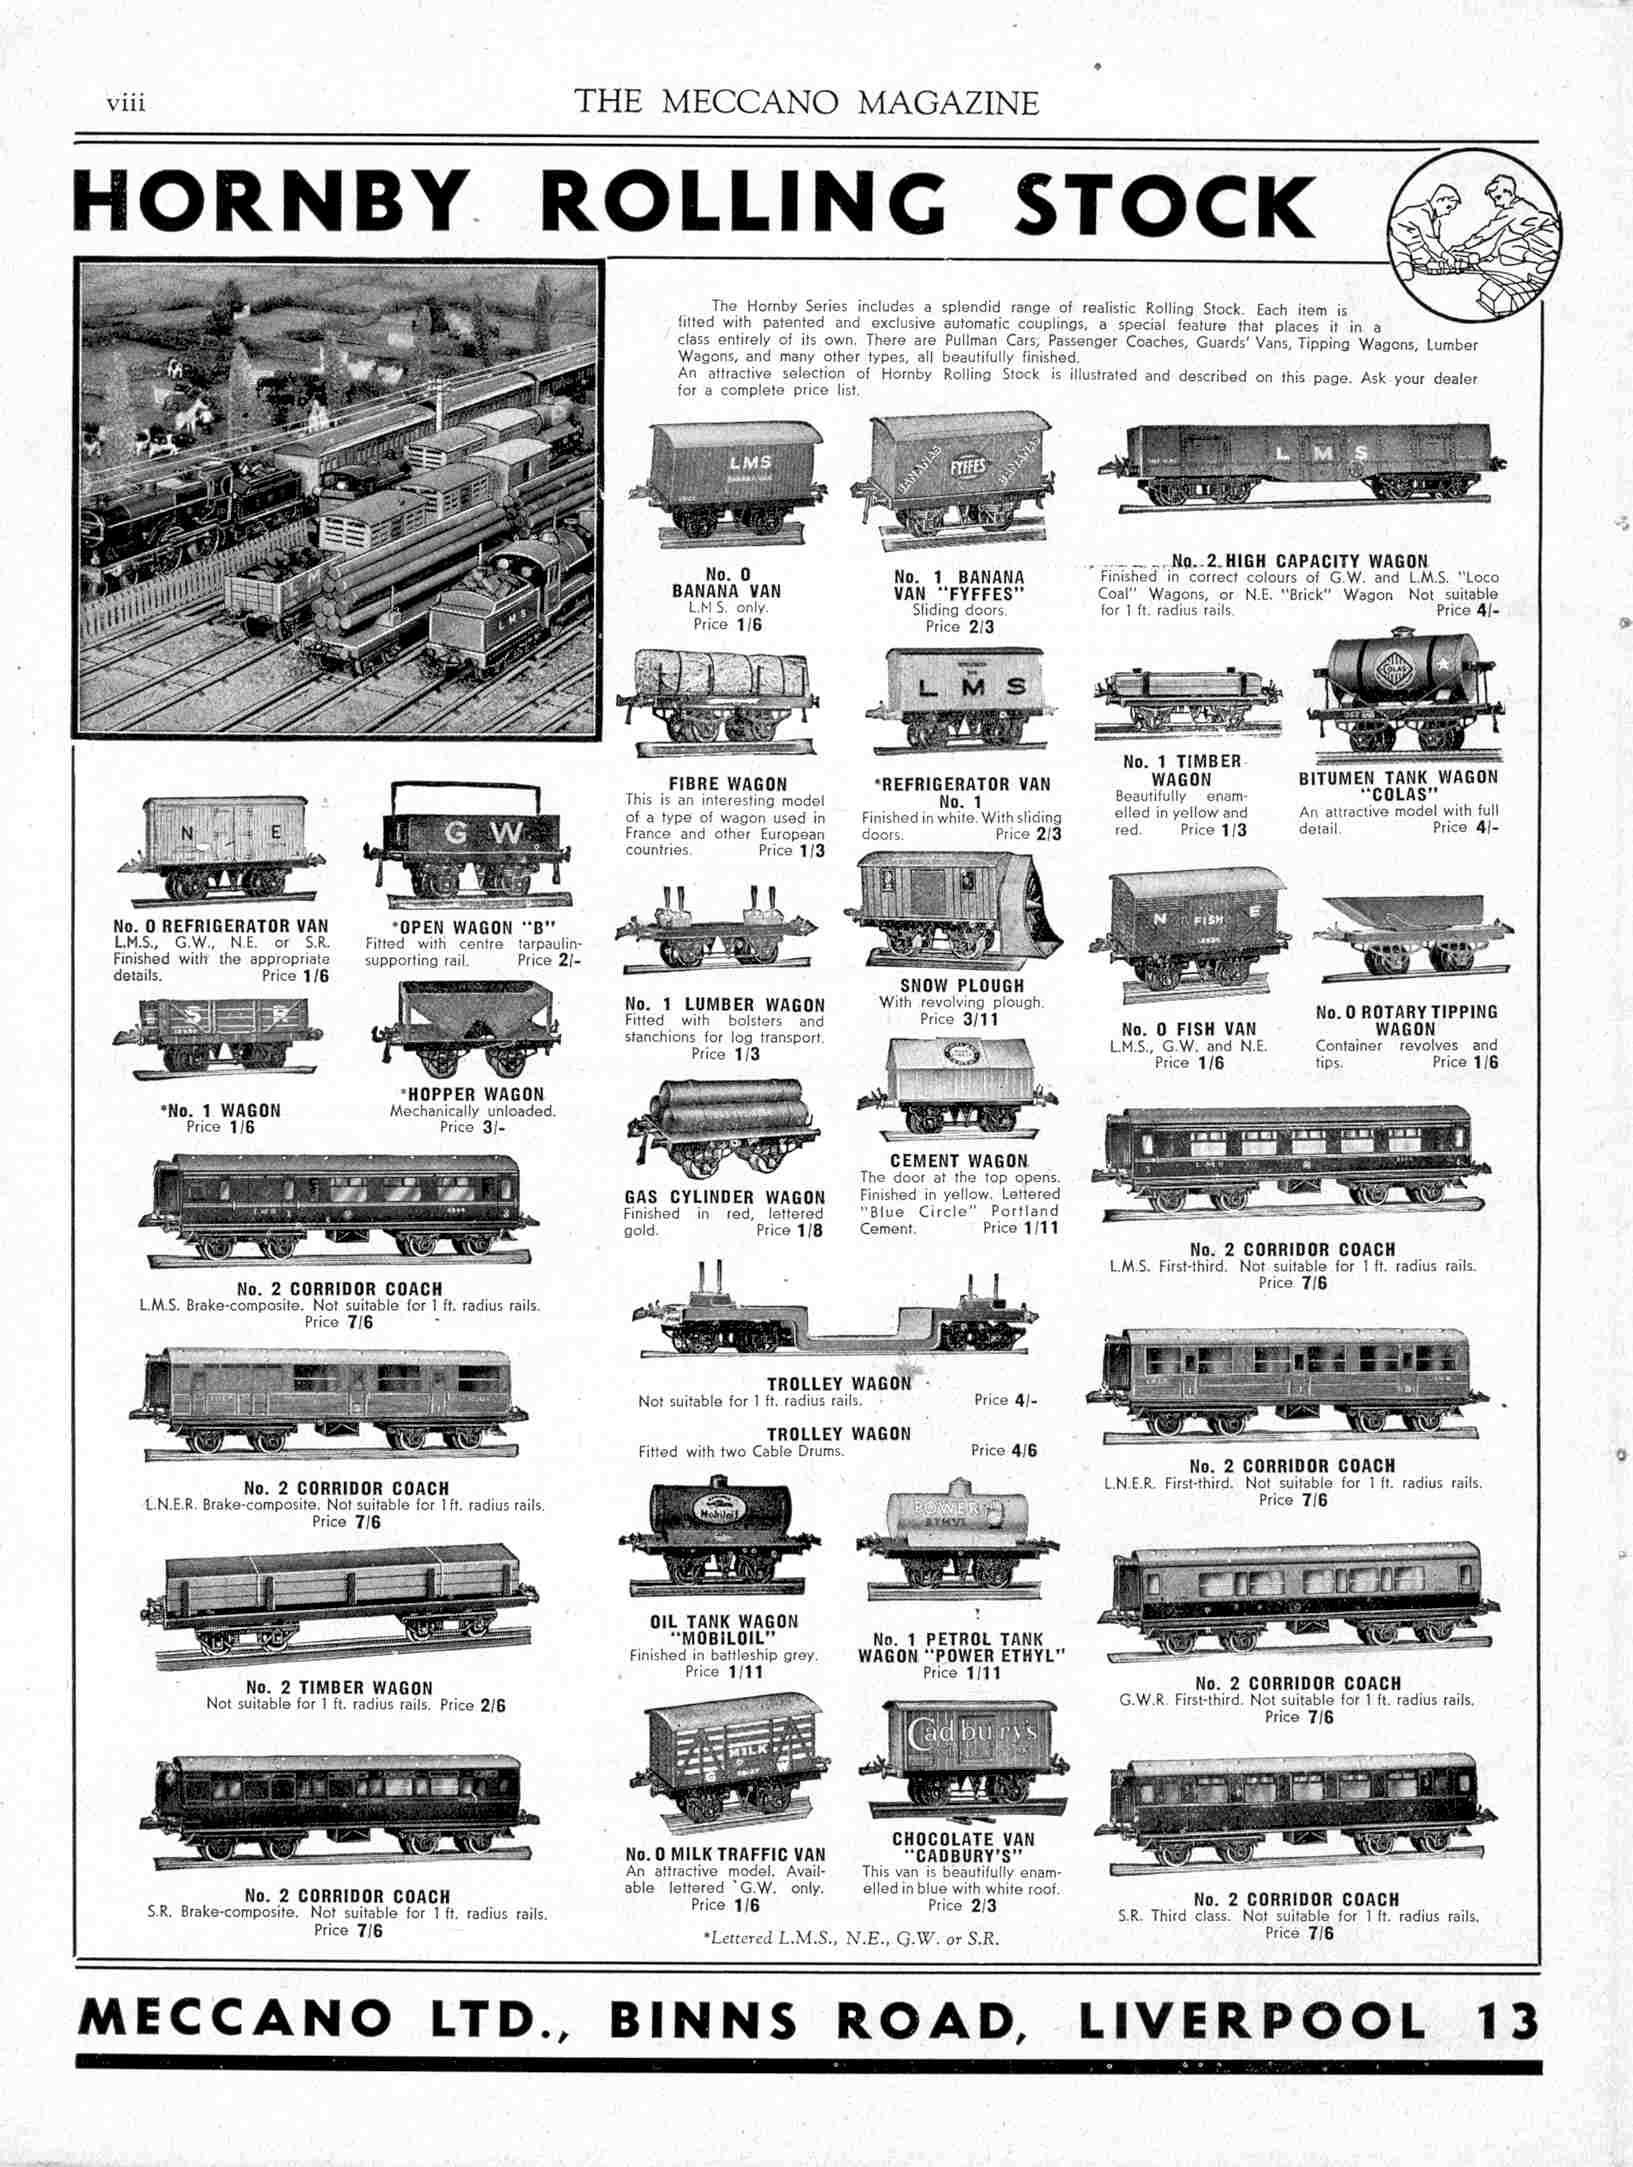 UK Meccano Magazine September 1938 Page viii